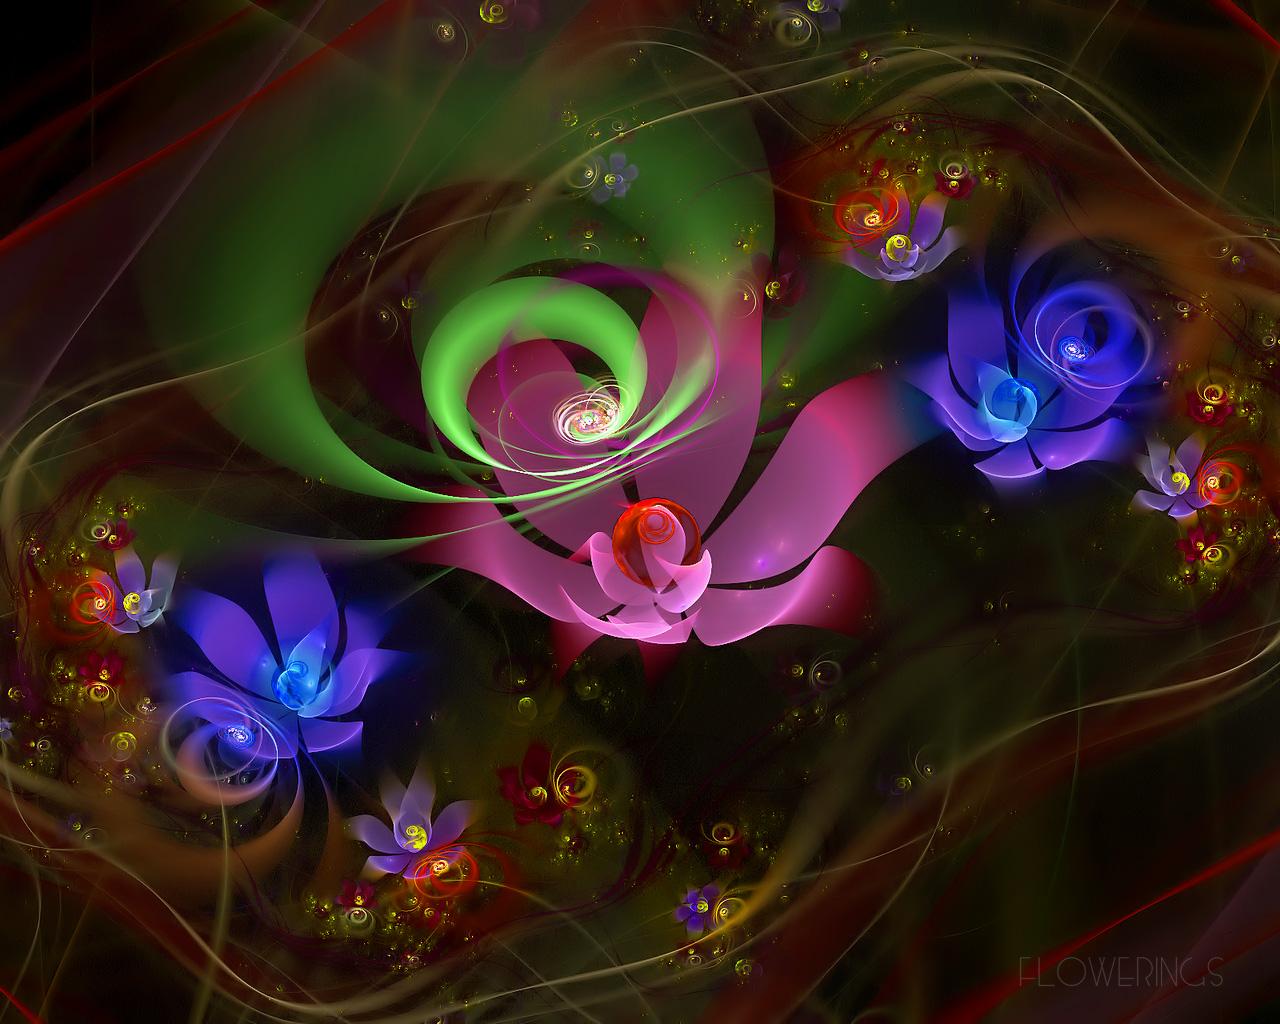 43 Colorful Desktop Backgrounds   Technosamrat 1280x1024